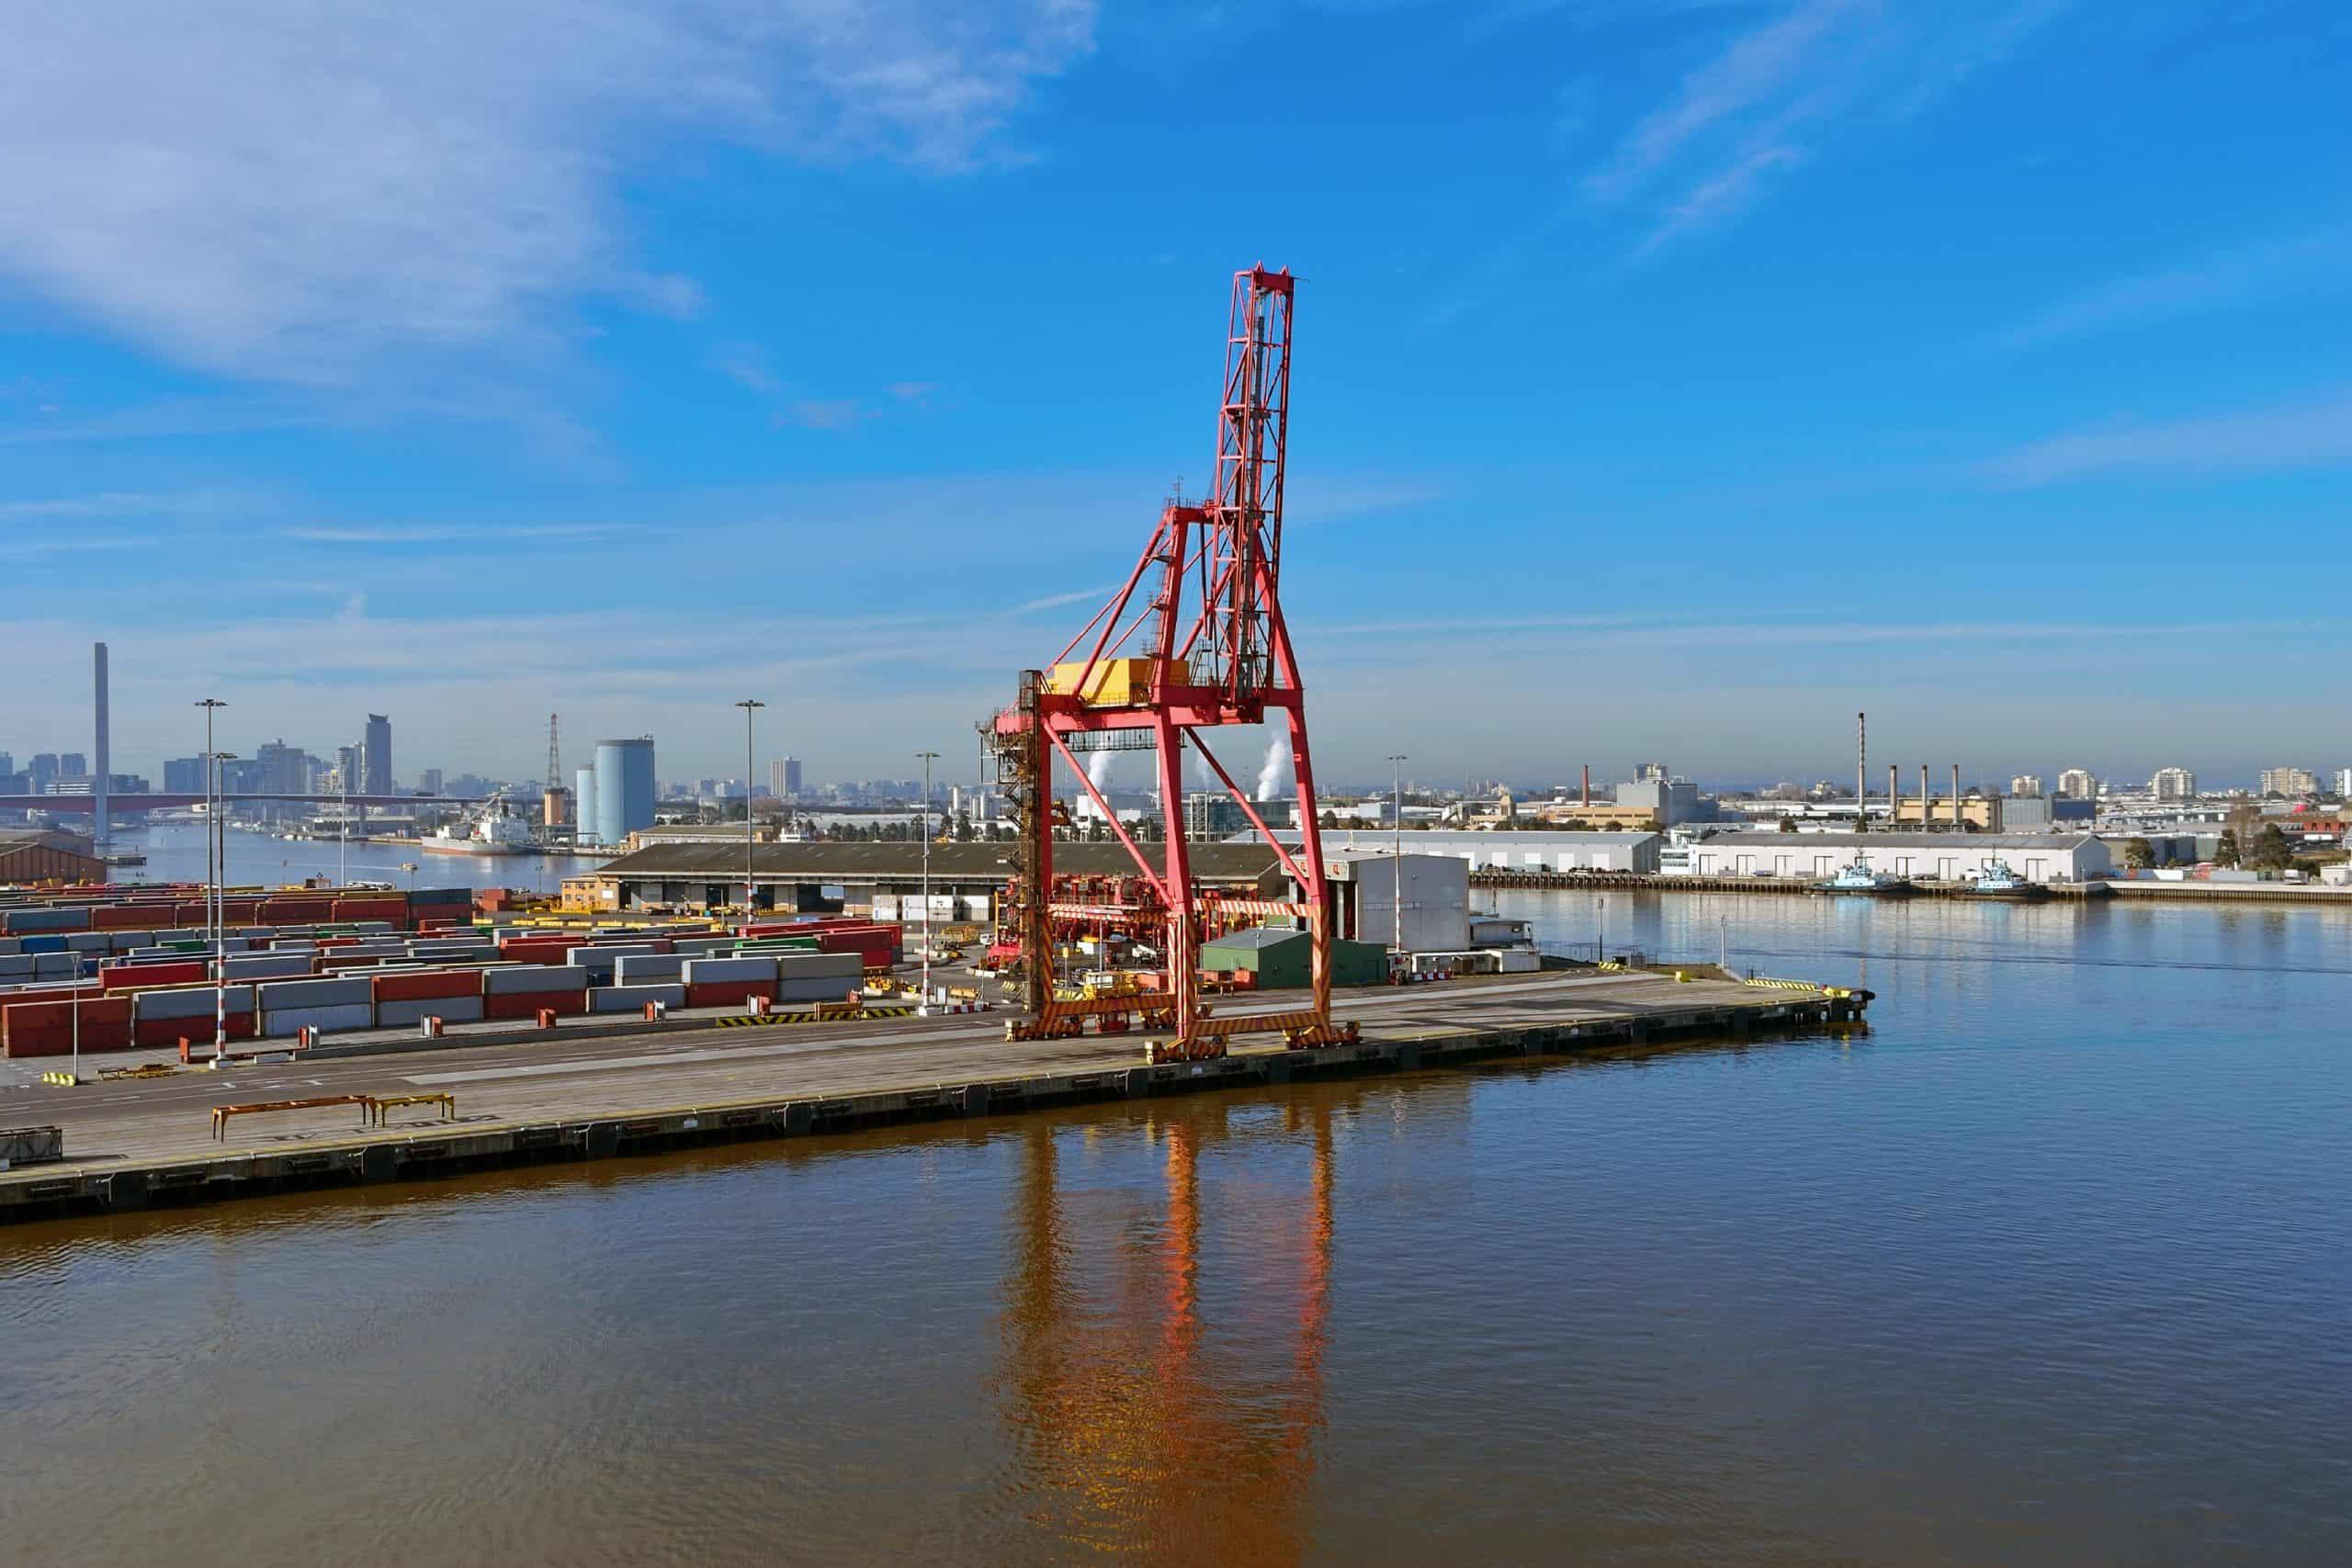 SLR sustains Port of Melbourne